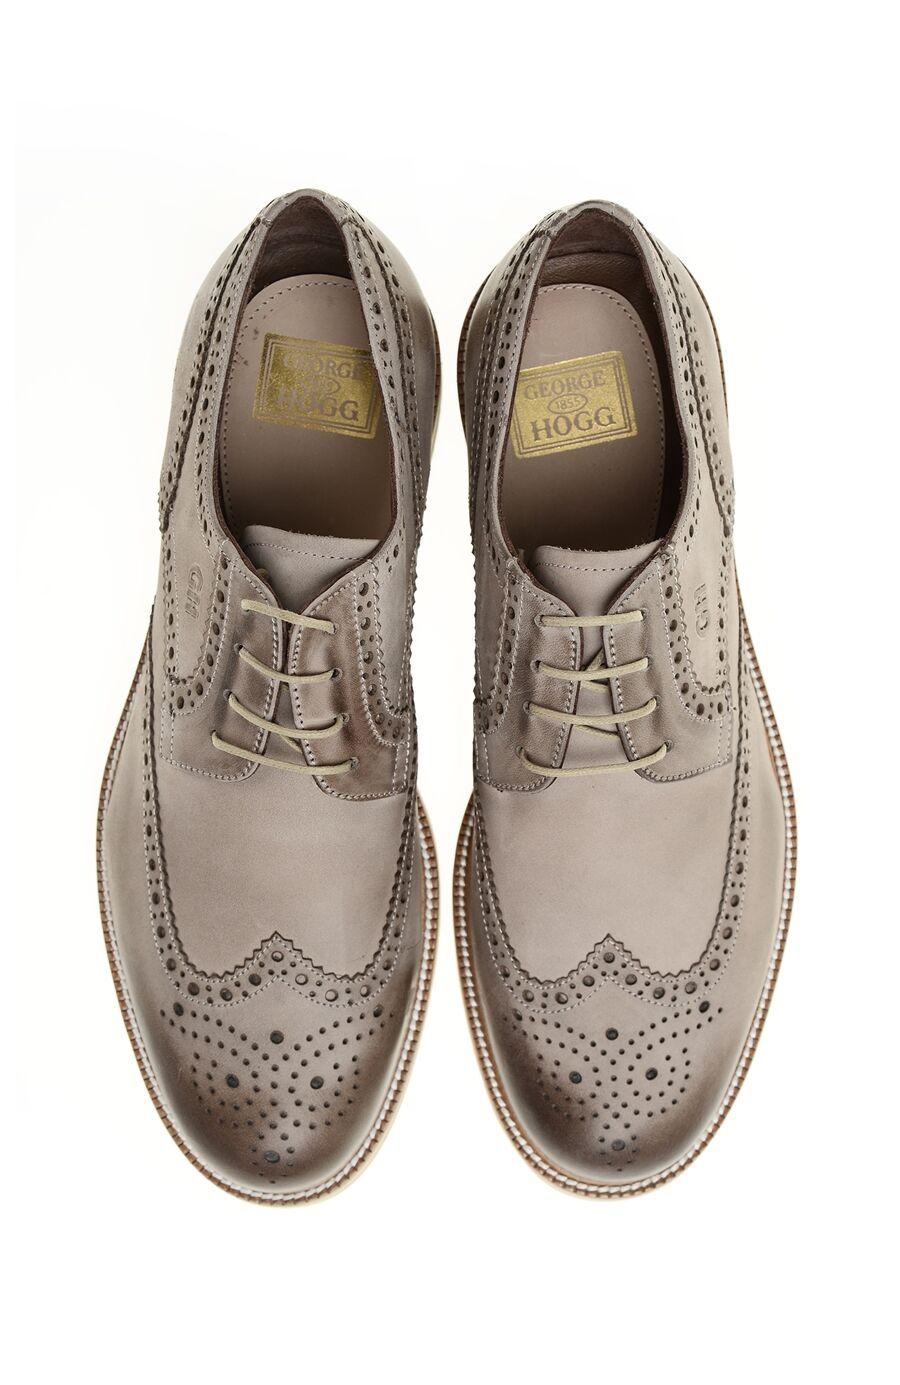 Vizon Deri George Hogg Ayakkabı